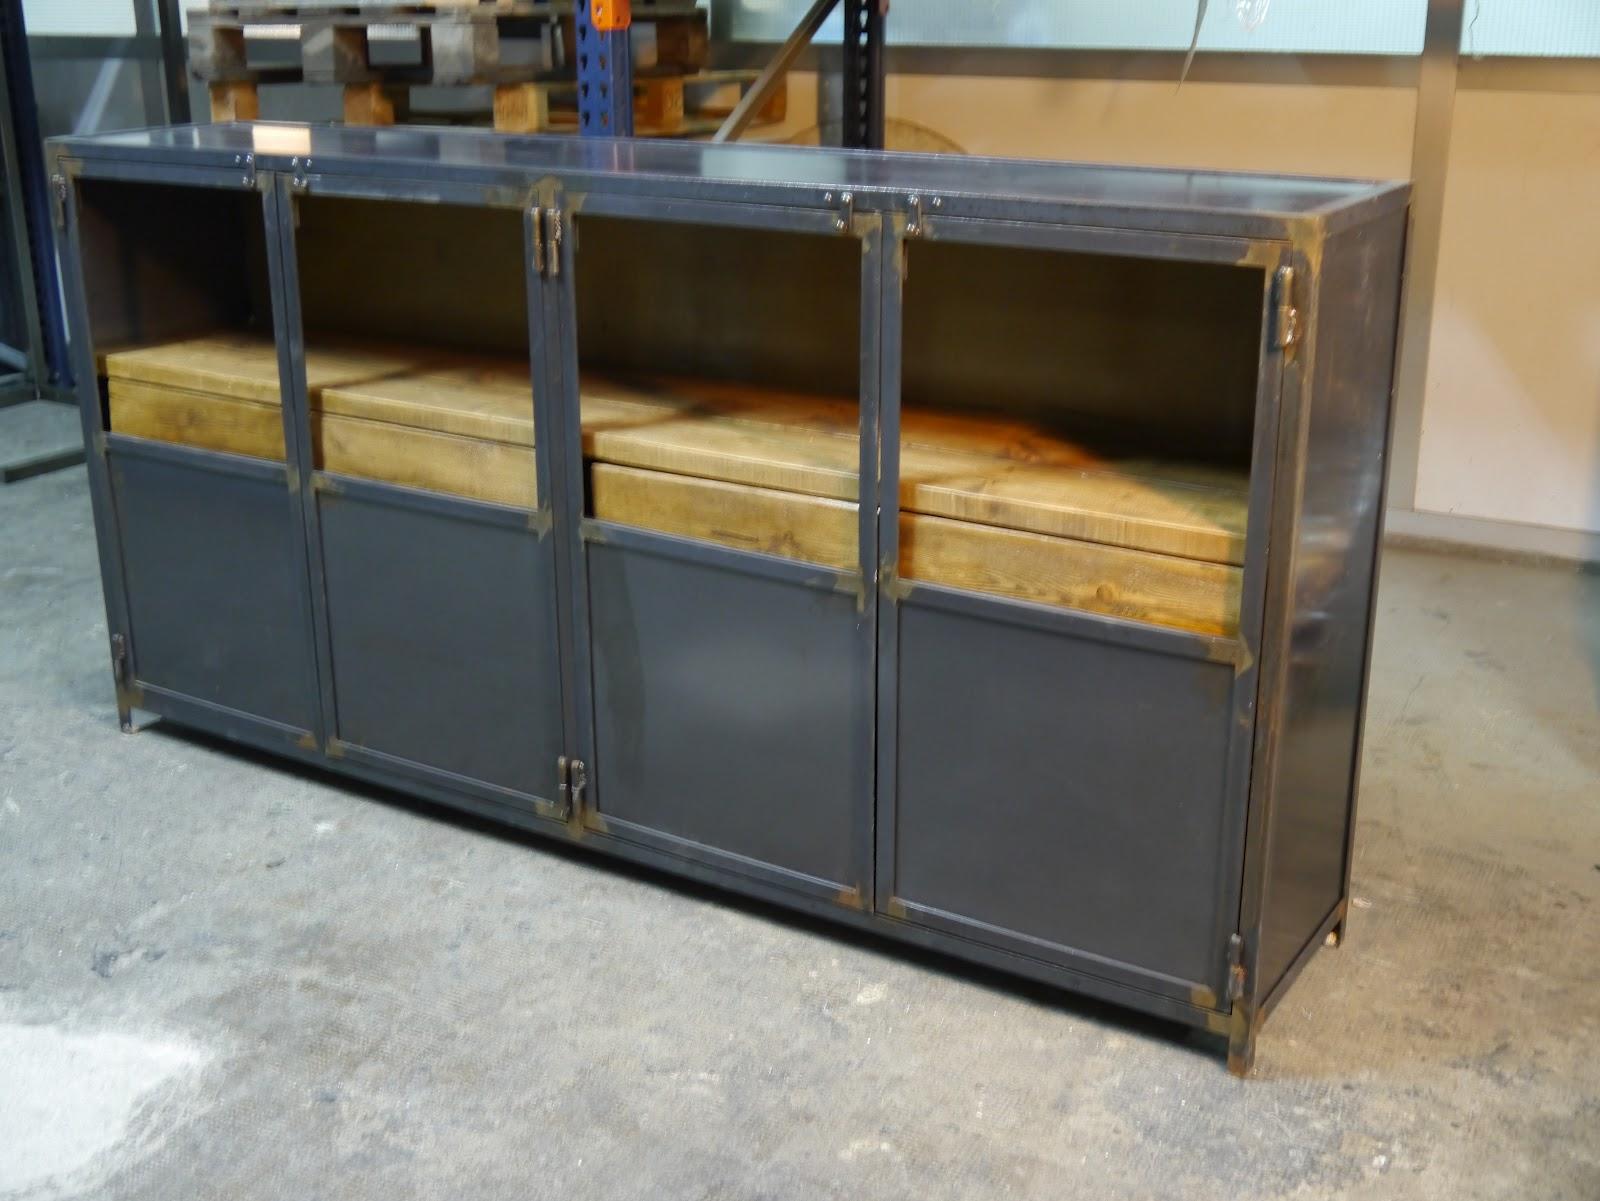 Novedades muebles mesas y sillas de estilo vintage retro for Muebles diseno industrial vintage